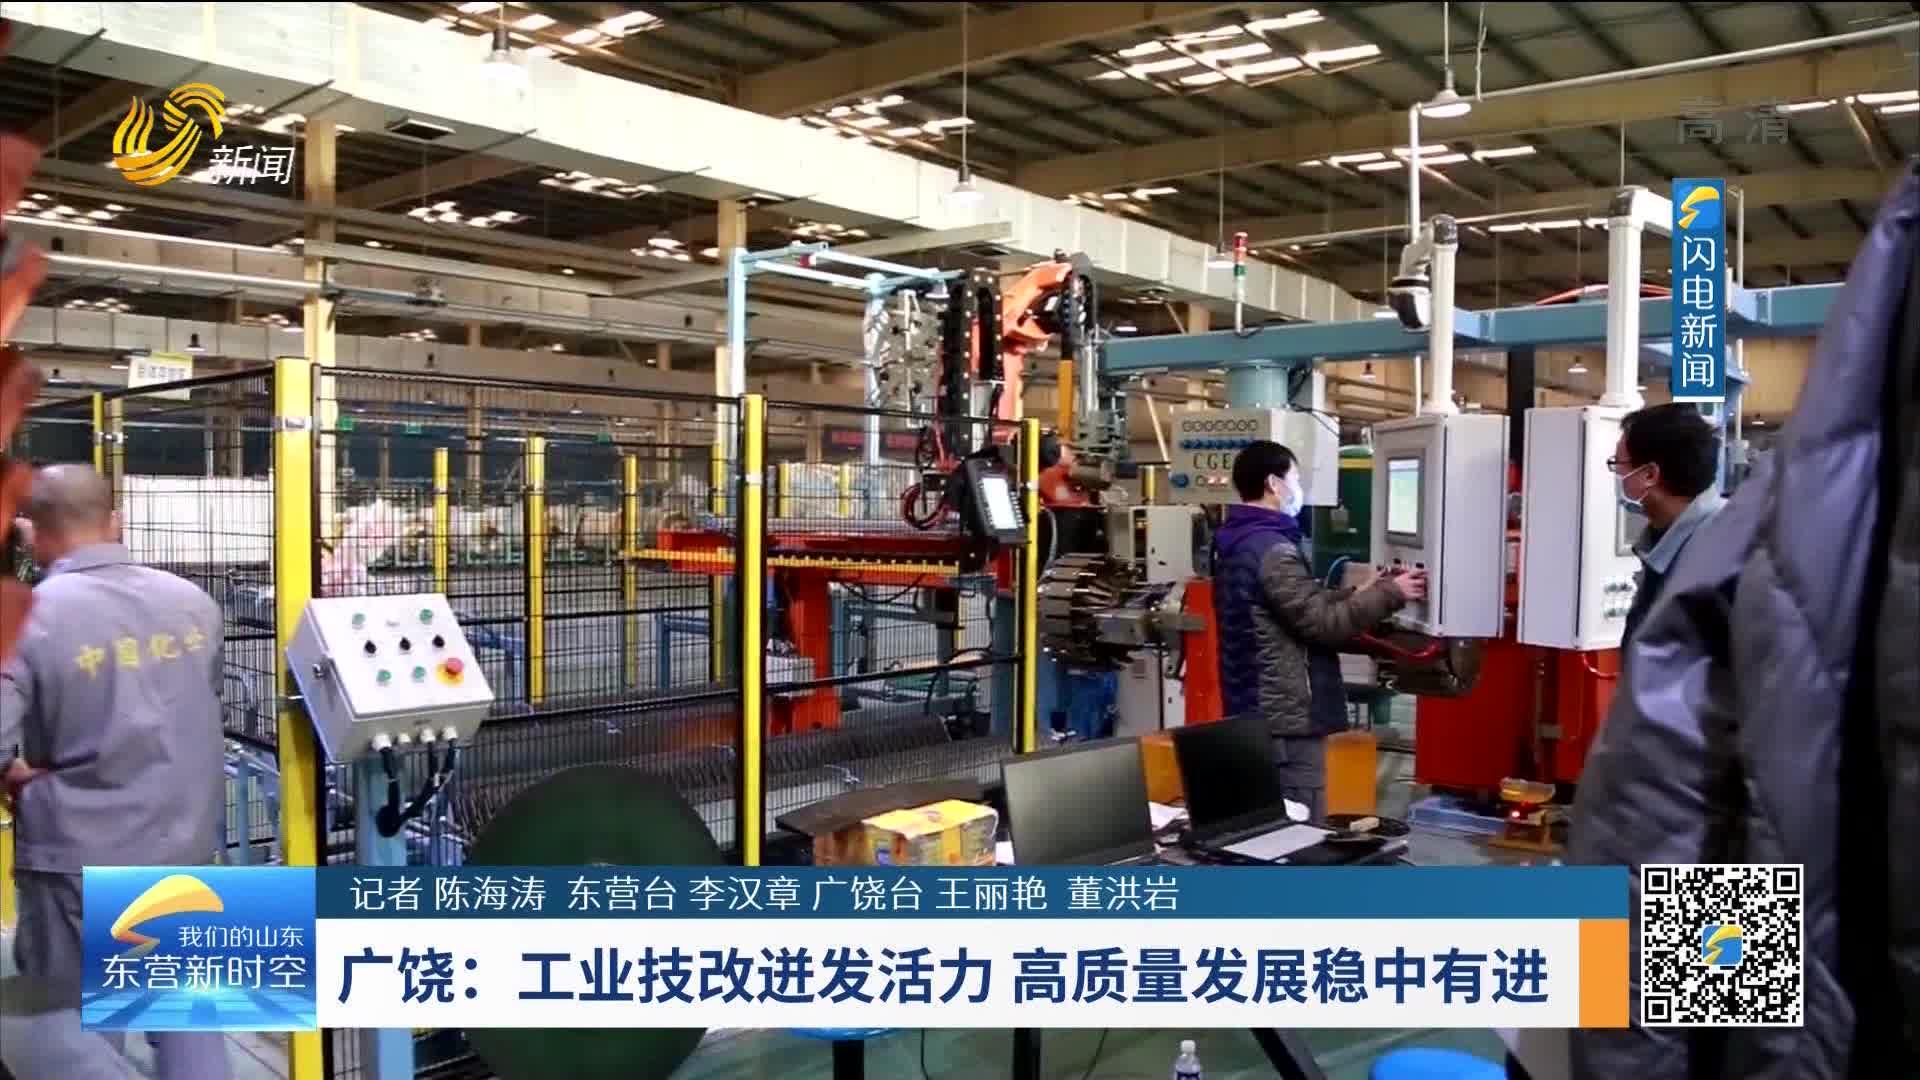 广饶:工业技改迸发活力 高质量发展稳中有进